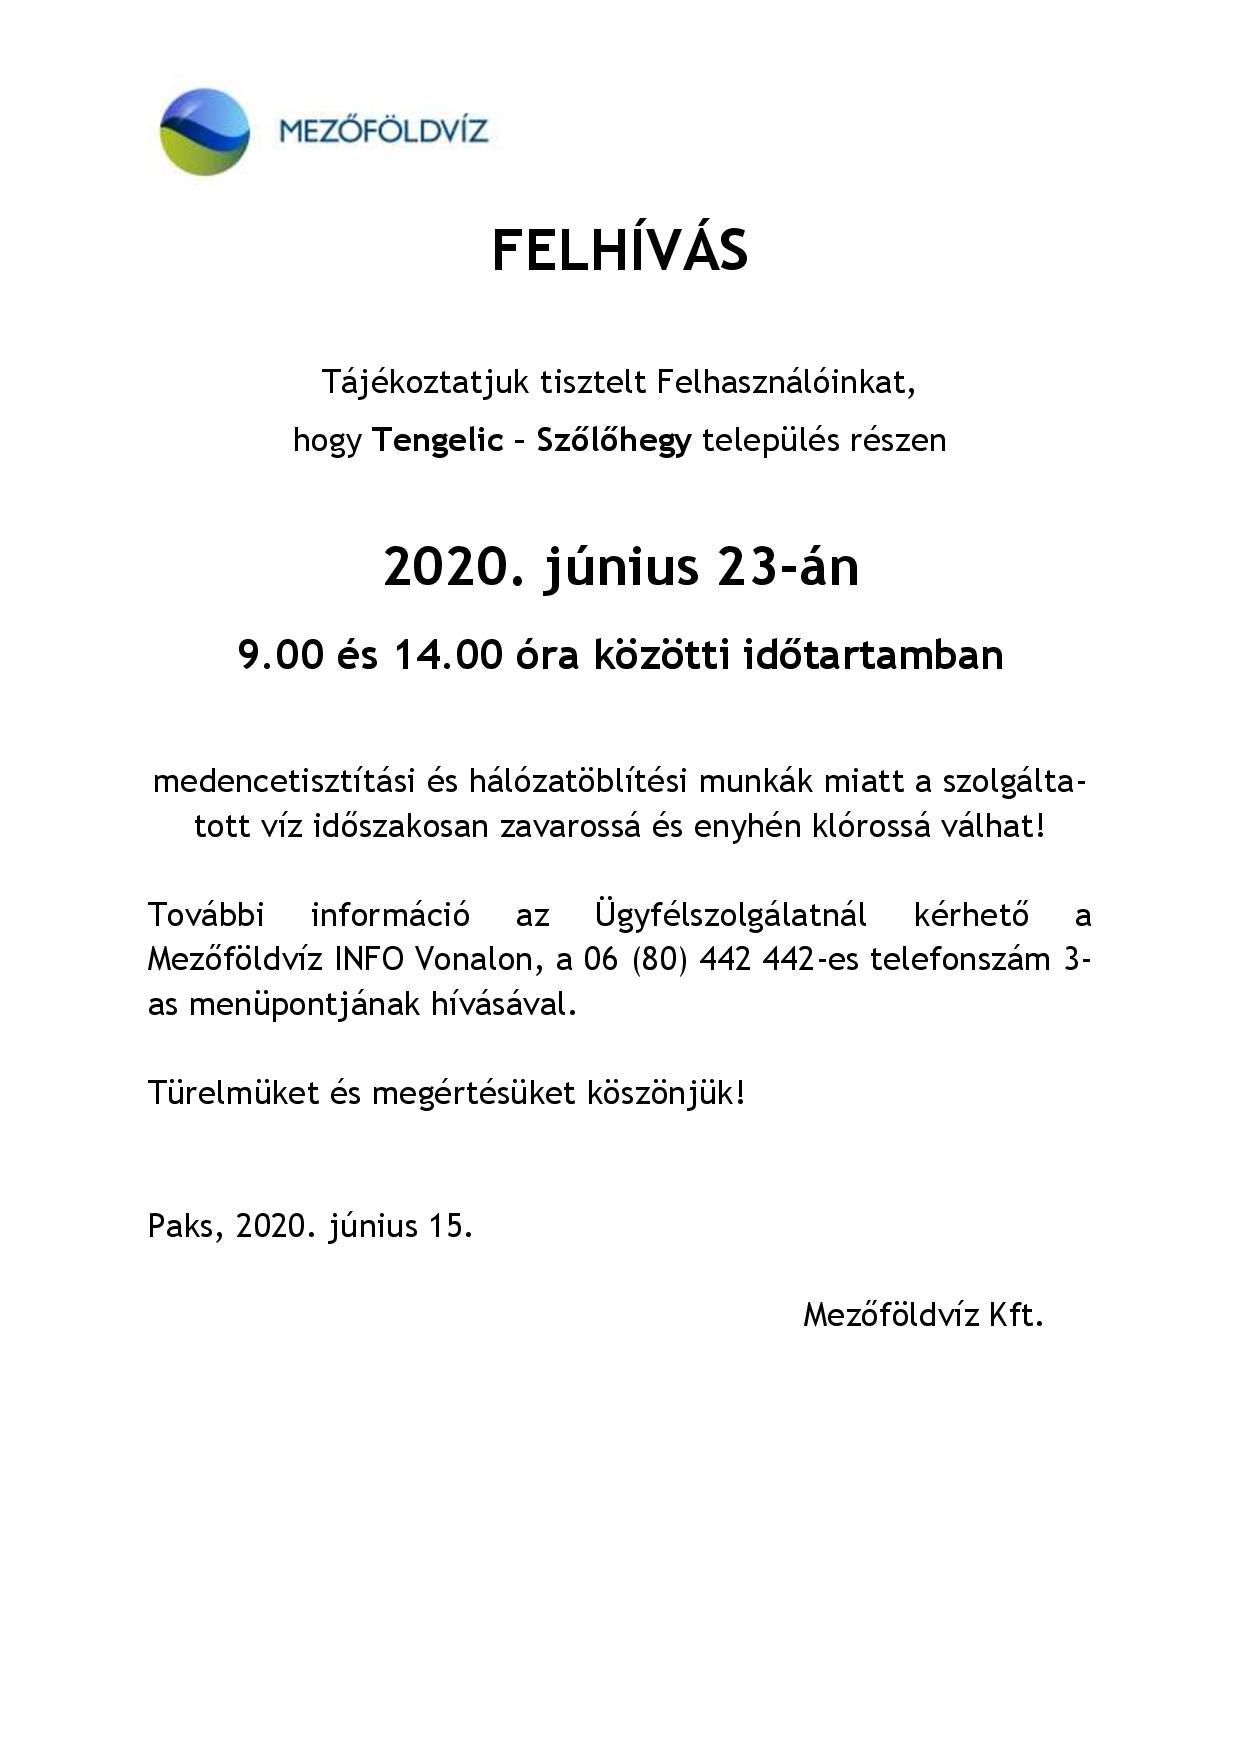 Tájékoztatás - Hálózat öblítés és medence mosatás miatti vízhiányról, nyomáscsökkenésről Tengelic-Szőlőhegy 2020.06.23